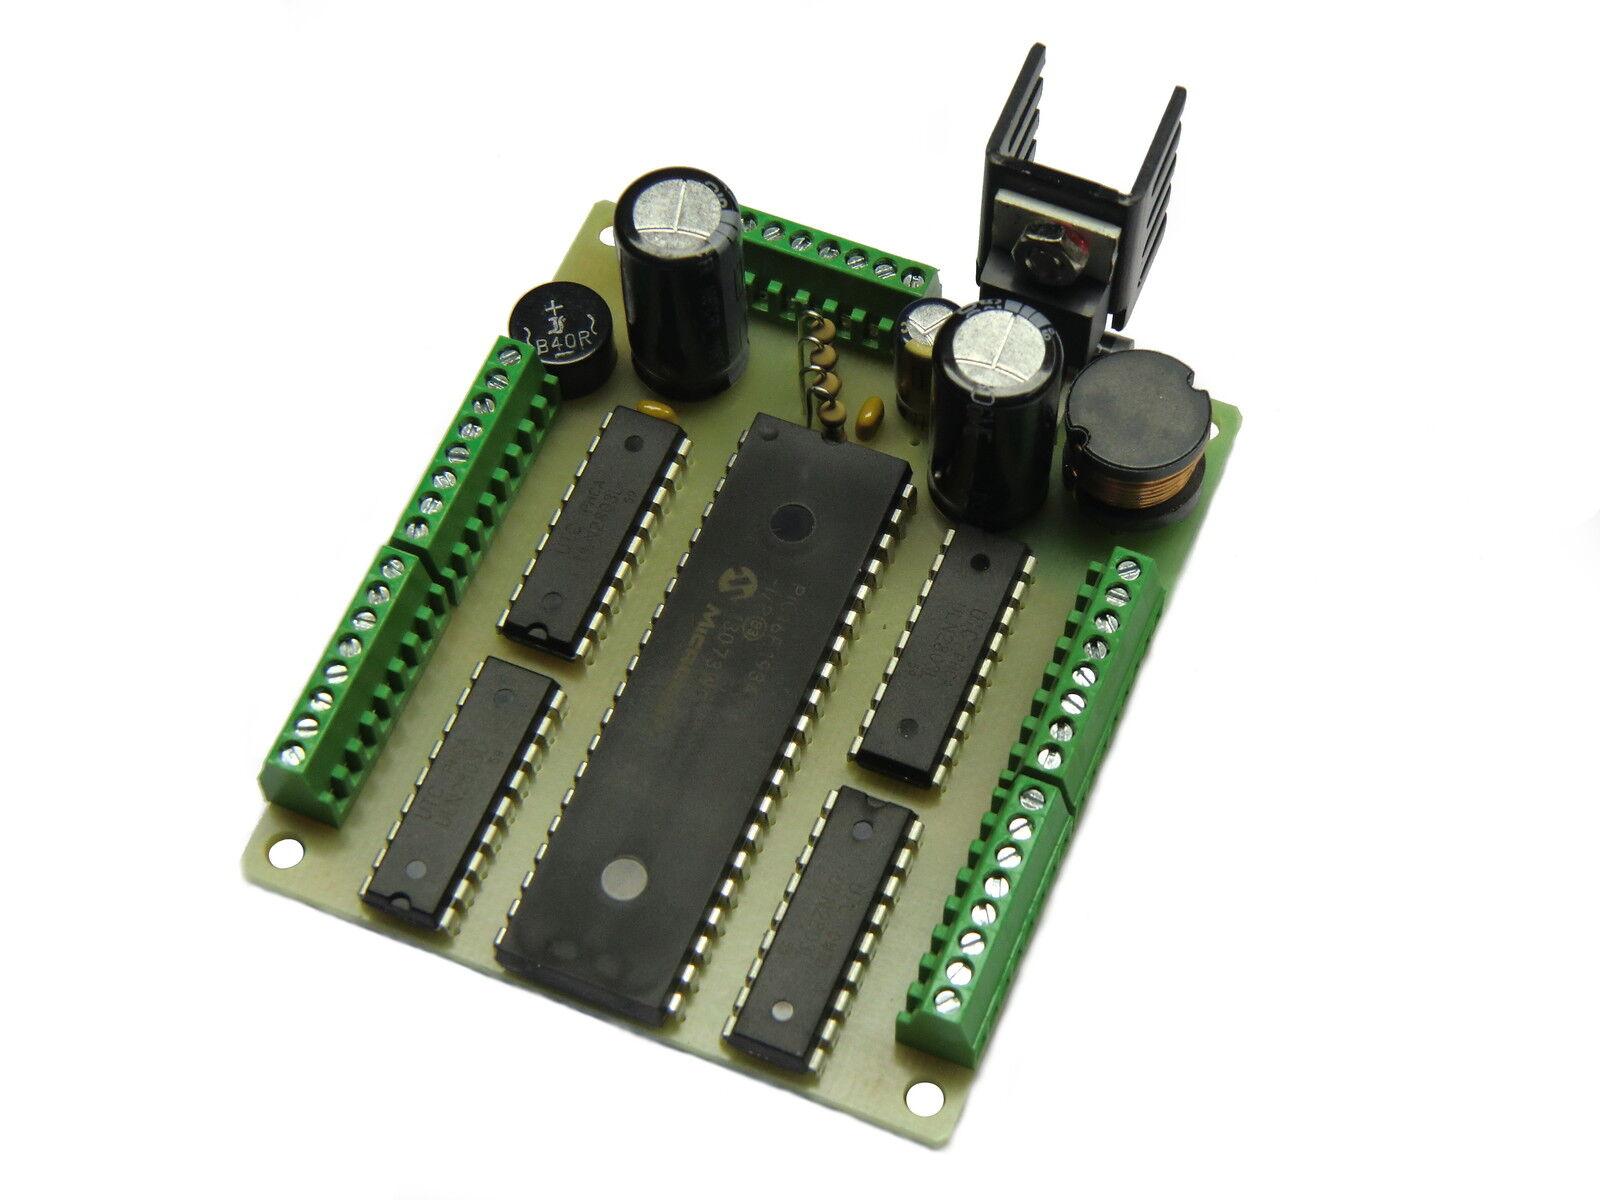 Zufallssteuerung - Modul für Modellbahn Lichtsteuerung  | Billig ideal